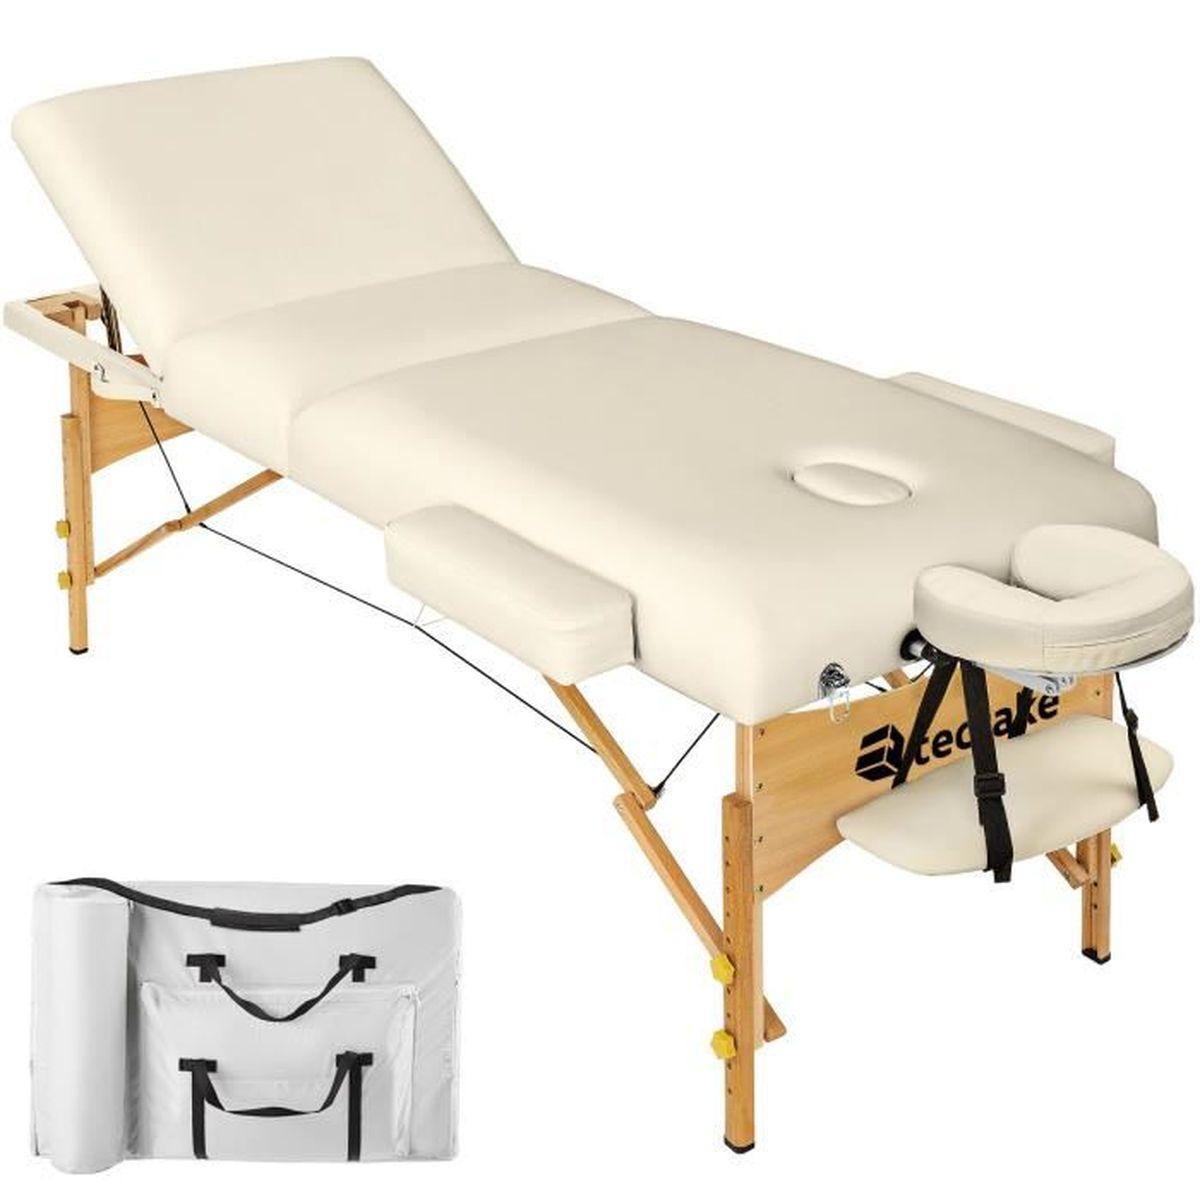 Table de massage TECTAKE Table de Massage Pliante 3 Zones Beige + H